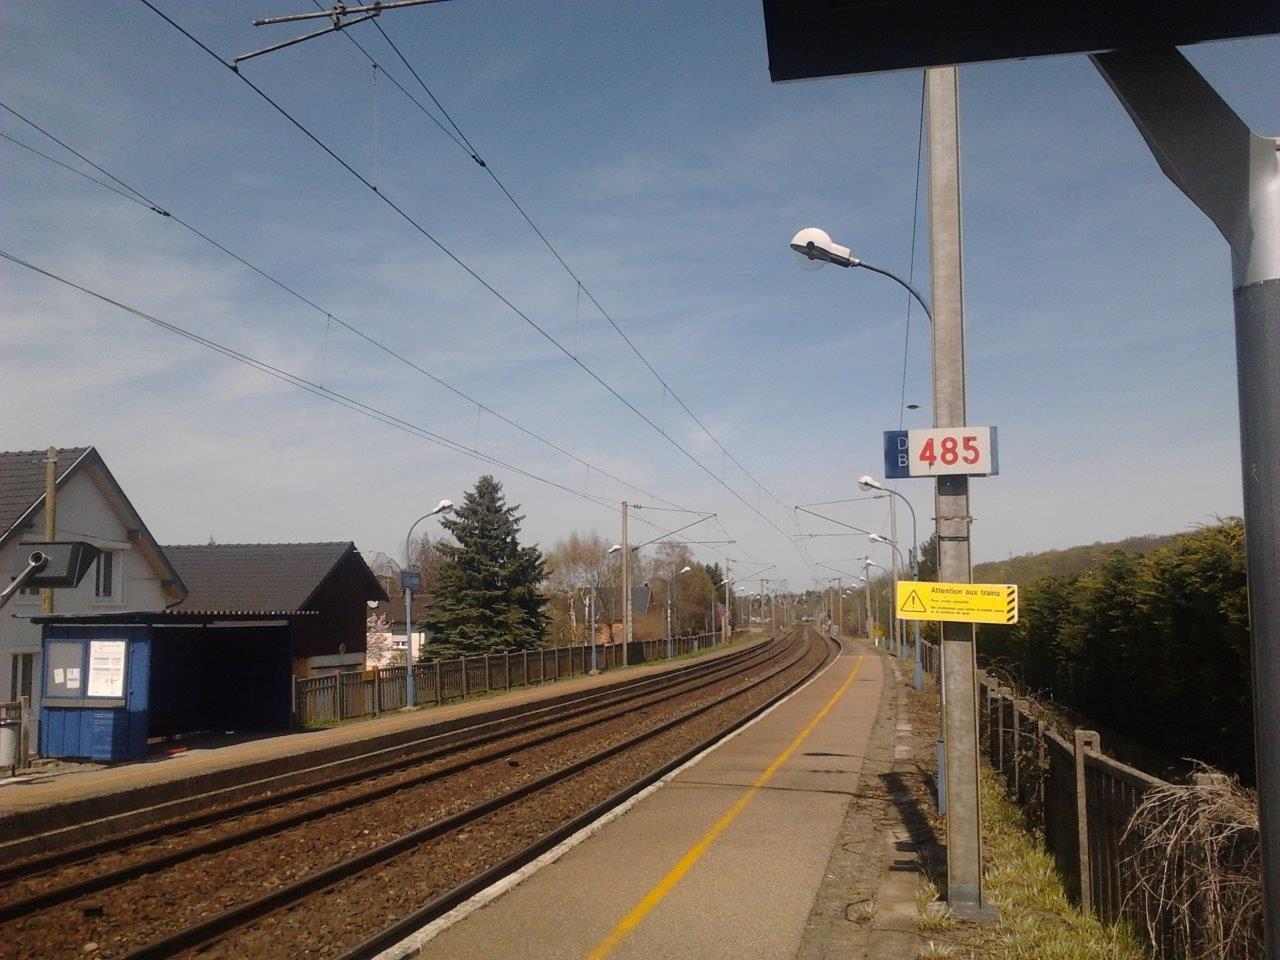 gare-de-flaxlanden-train-station